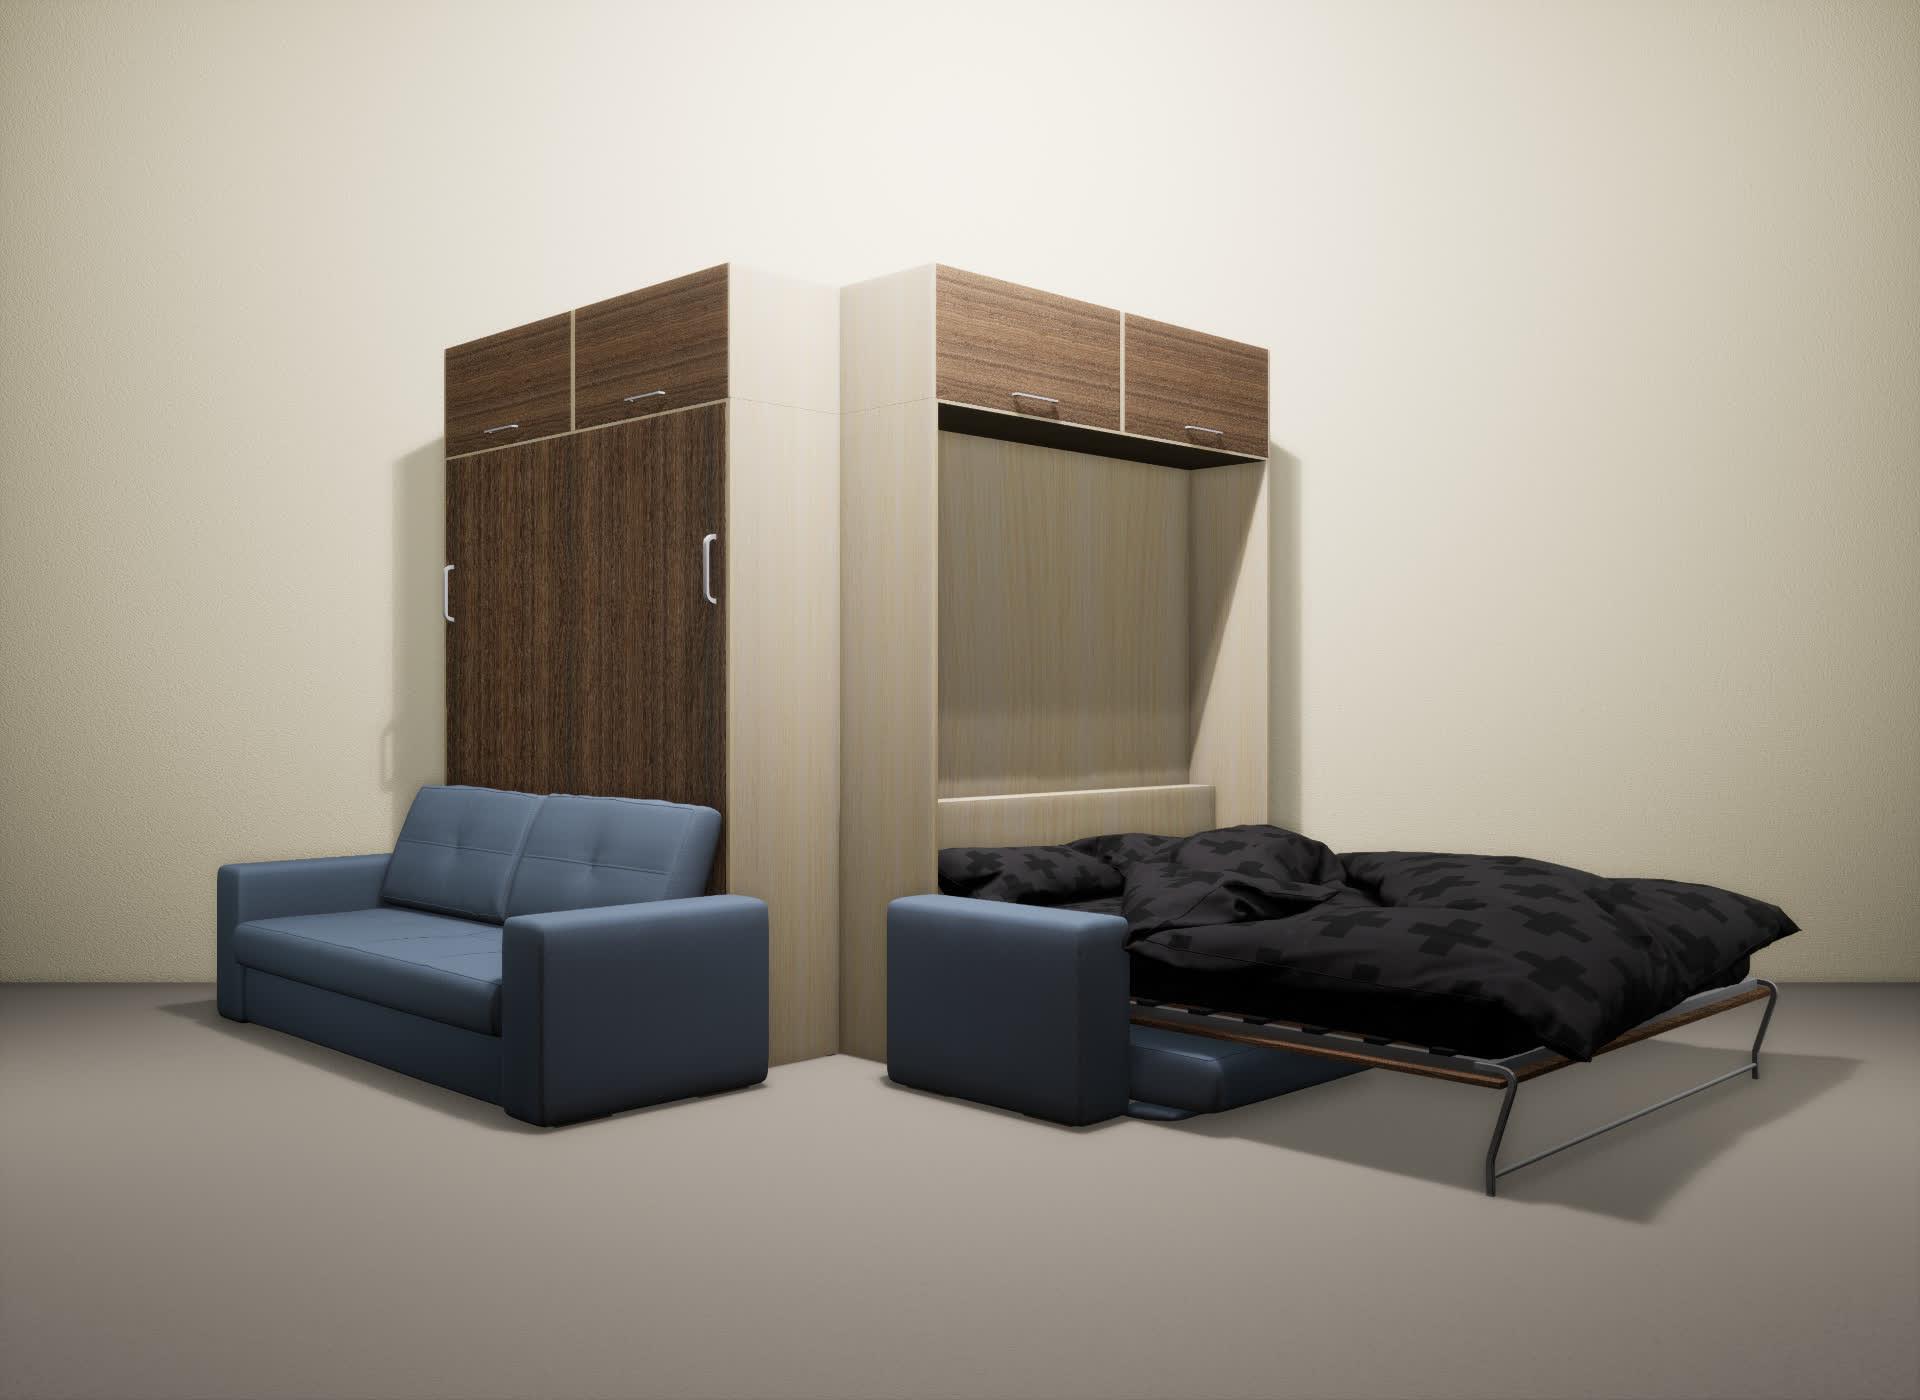 Шкаф-кровать SMART HOME Гамма молочный дуб/шамони